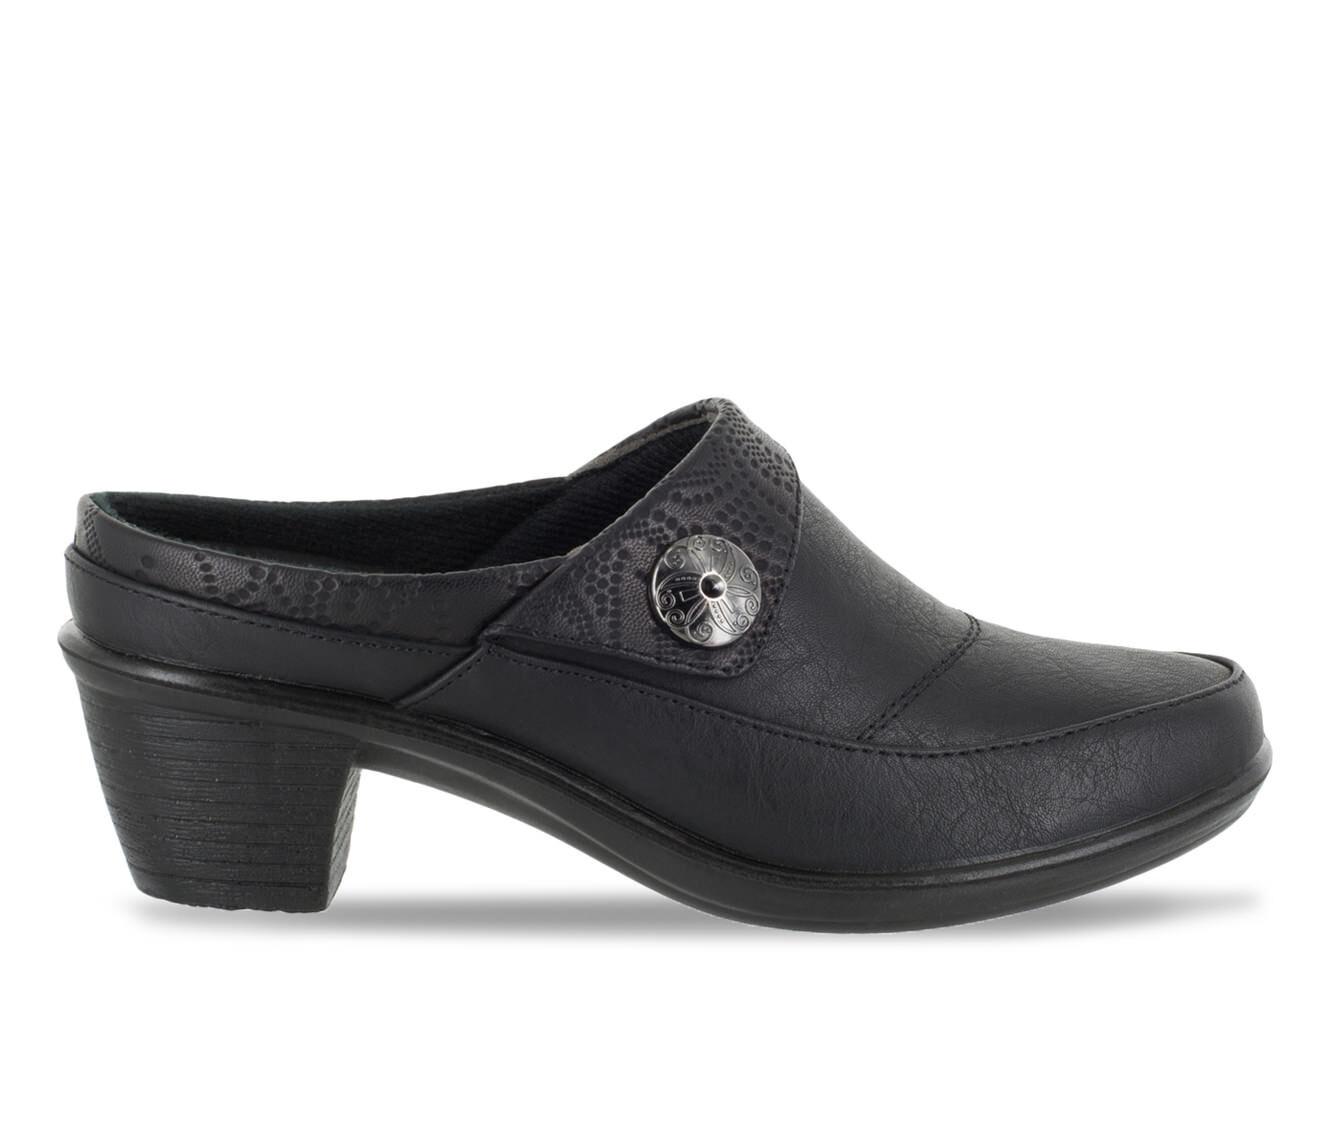 Women's Easy Street Journey Shoes Black/Embossed